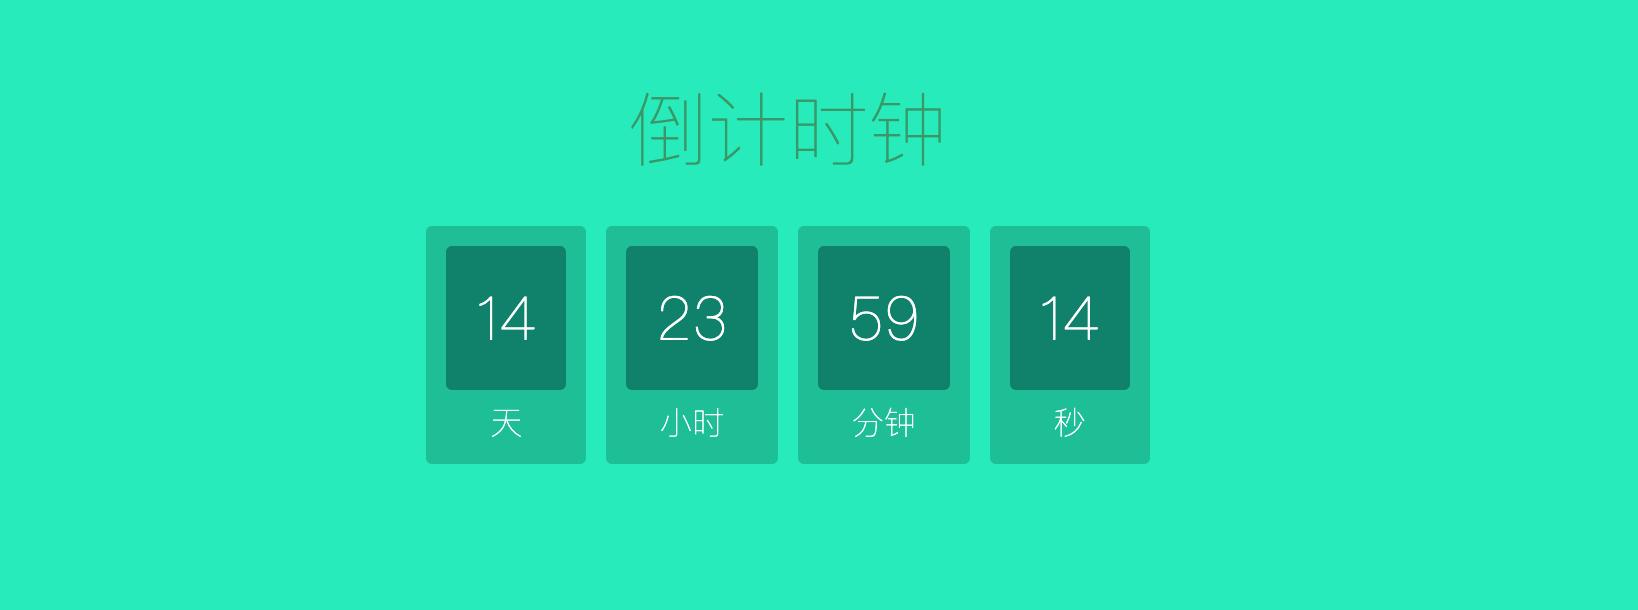 实战|仅用18行JavaScript构建一个倒数计时器